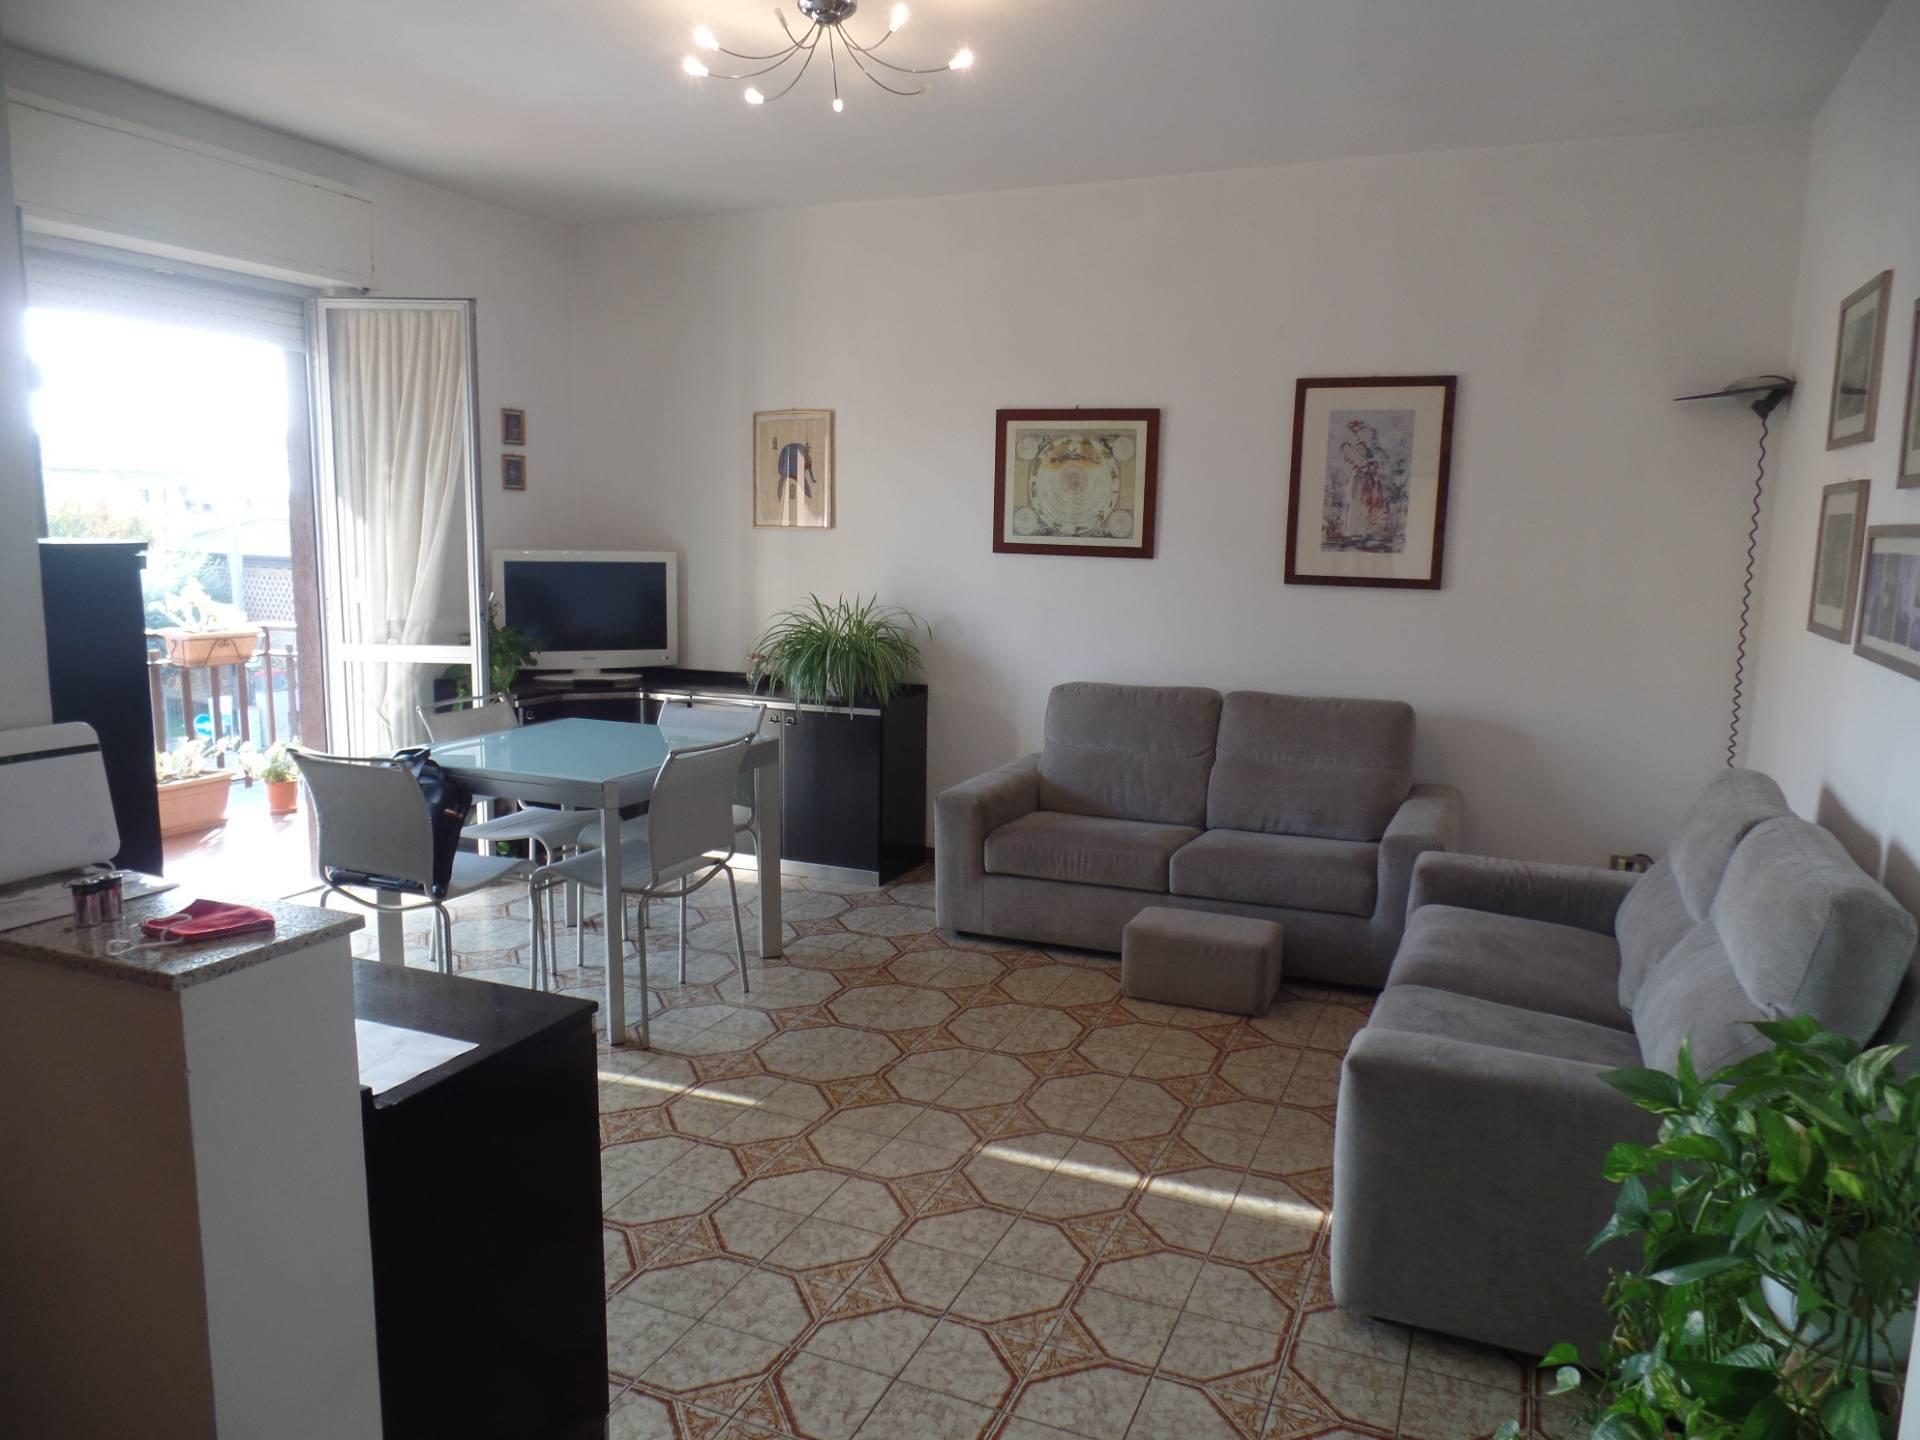 Appartamento in vendita a Grumello del Monte, 3 locali, prezzo € 129.000 | CambioCasa.it